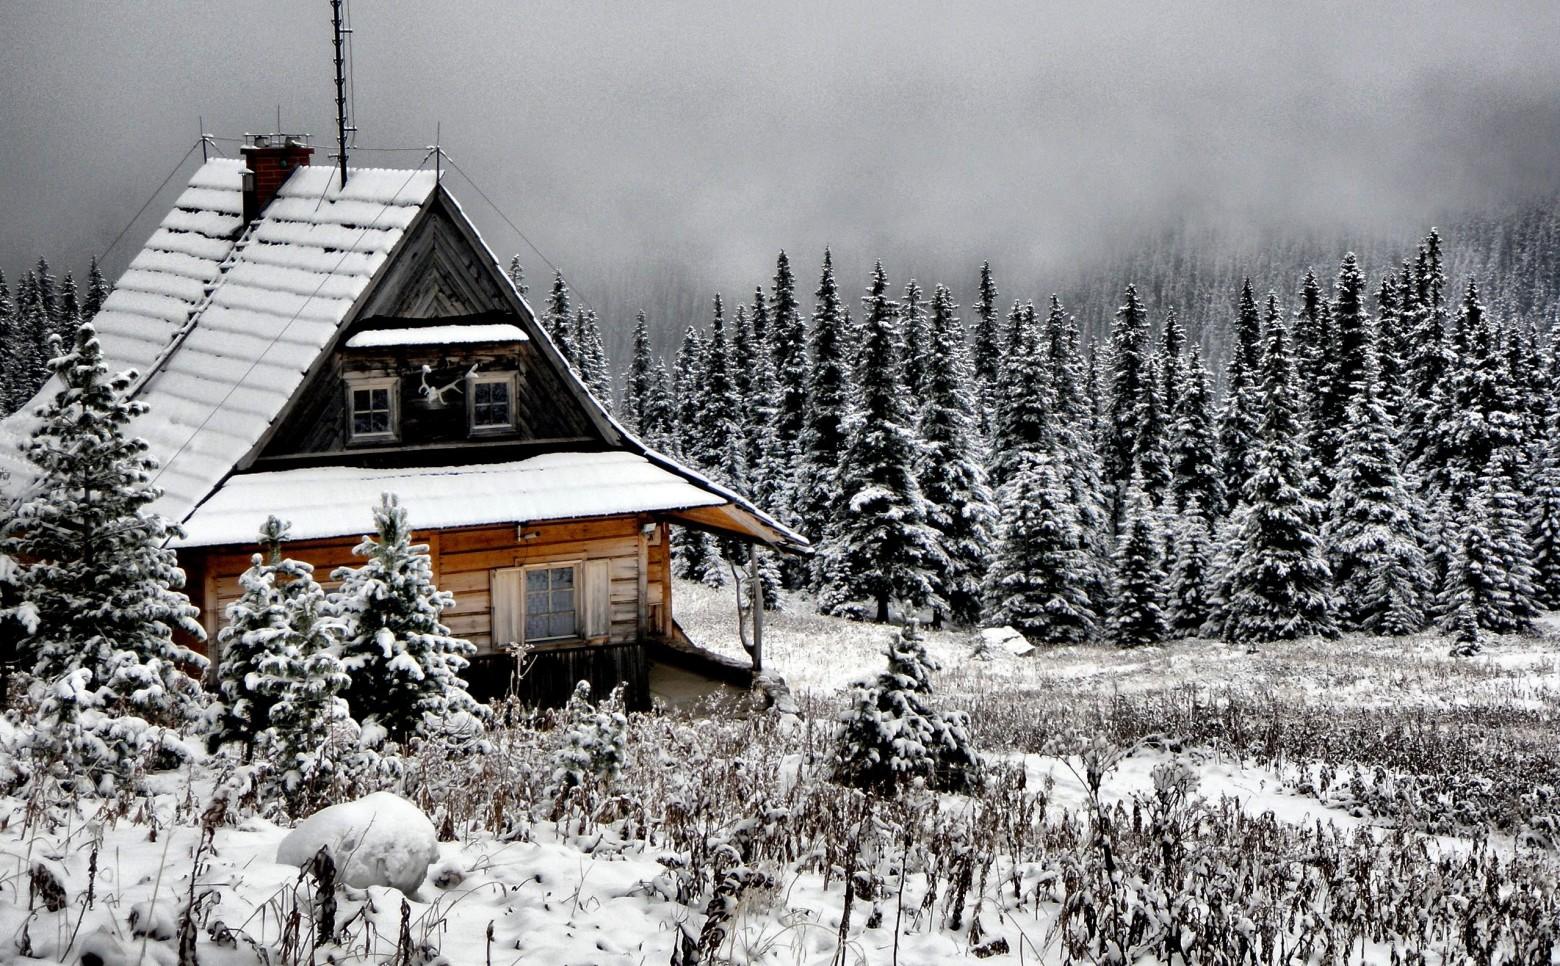 Cabane chalet hiver montagne neige images gratuites et - Photos de neige gratuites ...